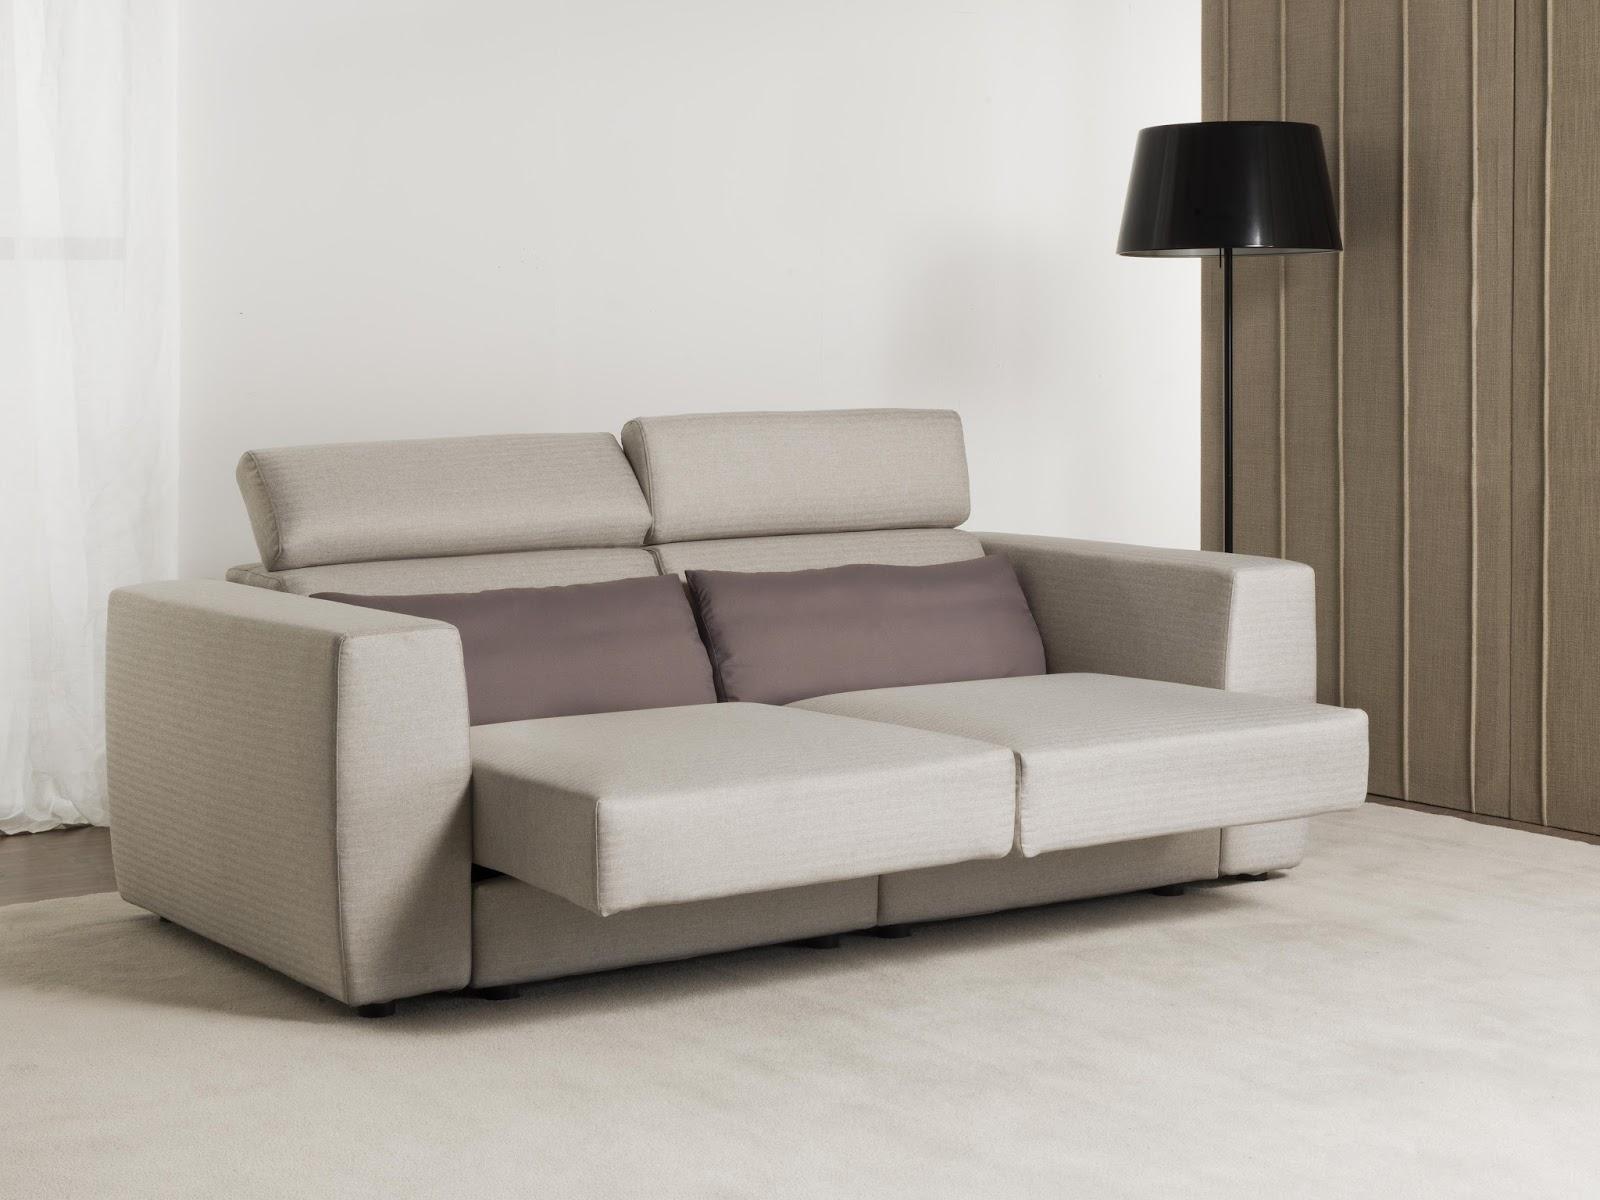 Santambrogio salotti produzione e vendita di divani e letti anche su misura - Facciamo saltare i bulloni a questo divano ...